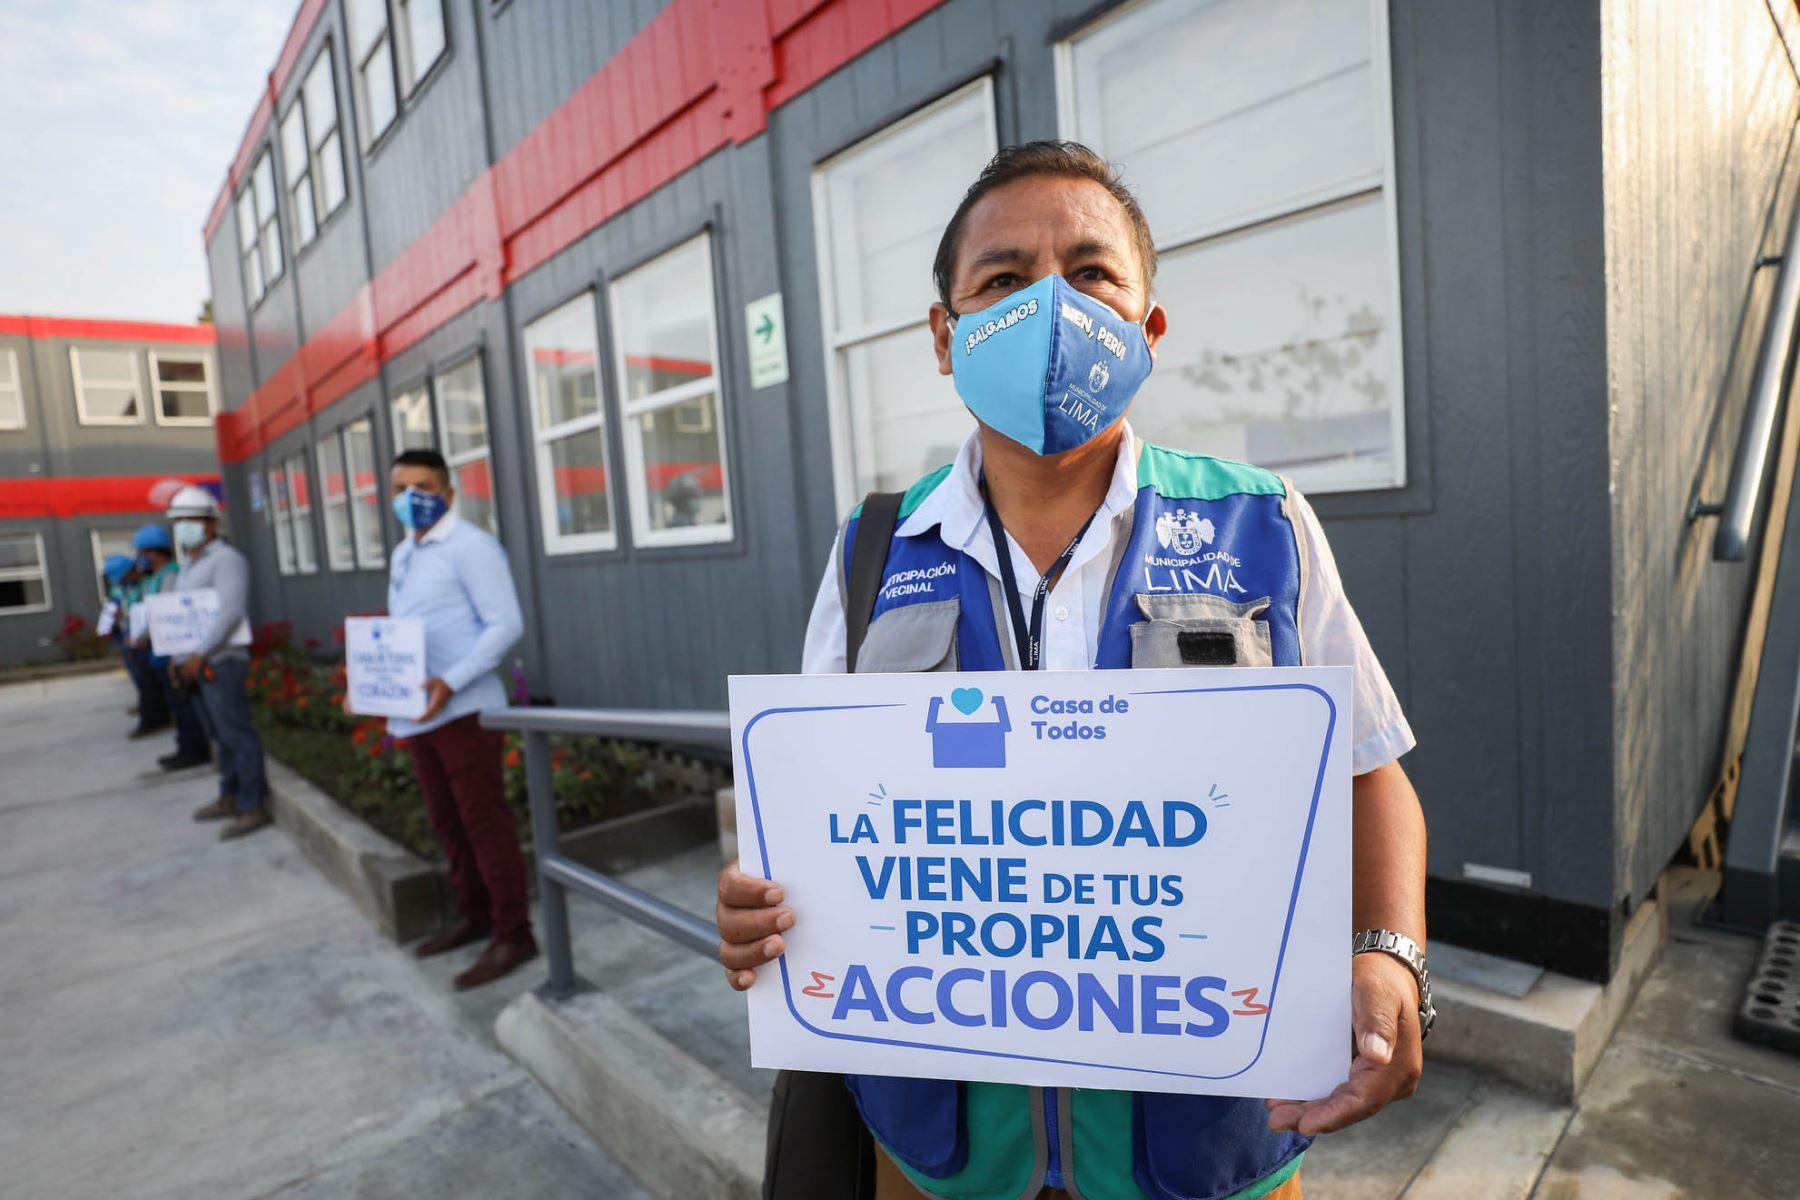 El alcalde de Lima Jorge Muñoz, presenta la Casa De Todos permanente en la urbanización Palomino, en el Cercado, que podrá acoger a 80 personas en situación de calle y promover su reinserción en la sociedad. Foto: Municipalidad de Lima